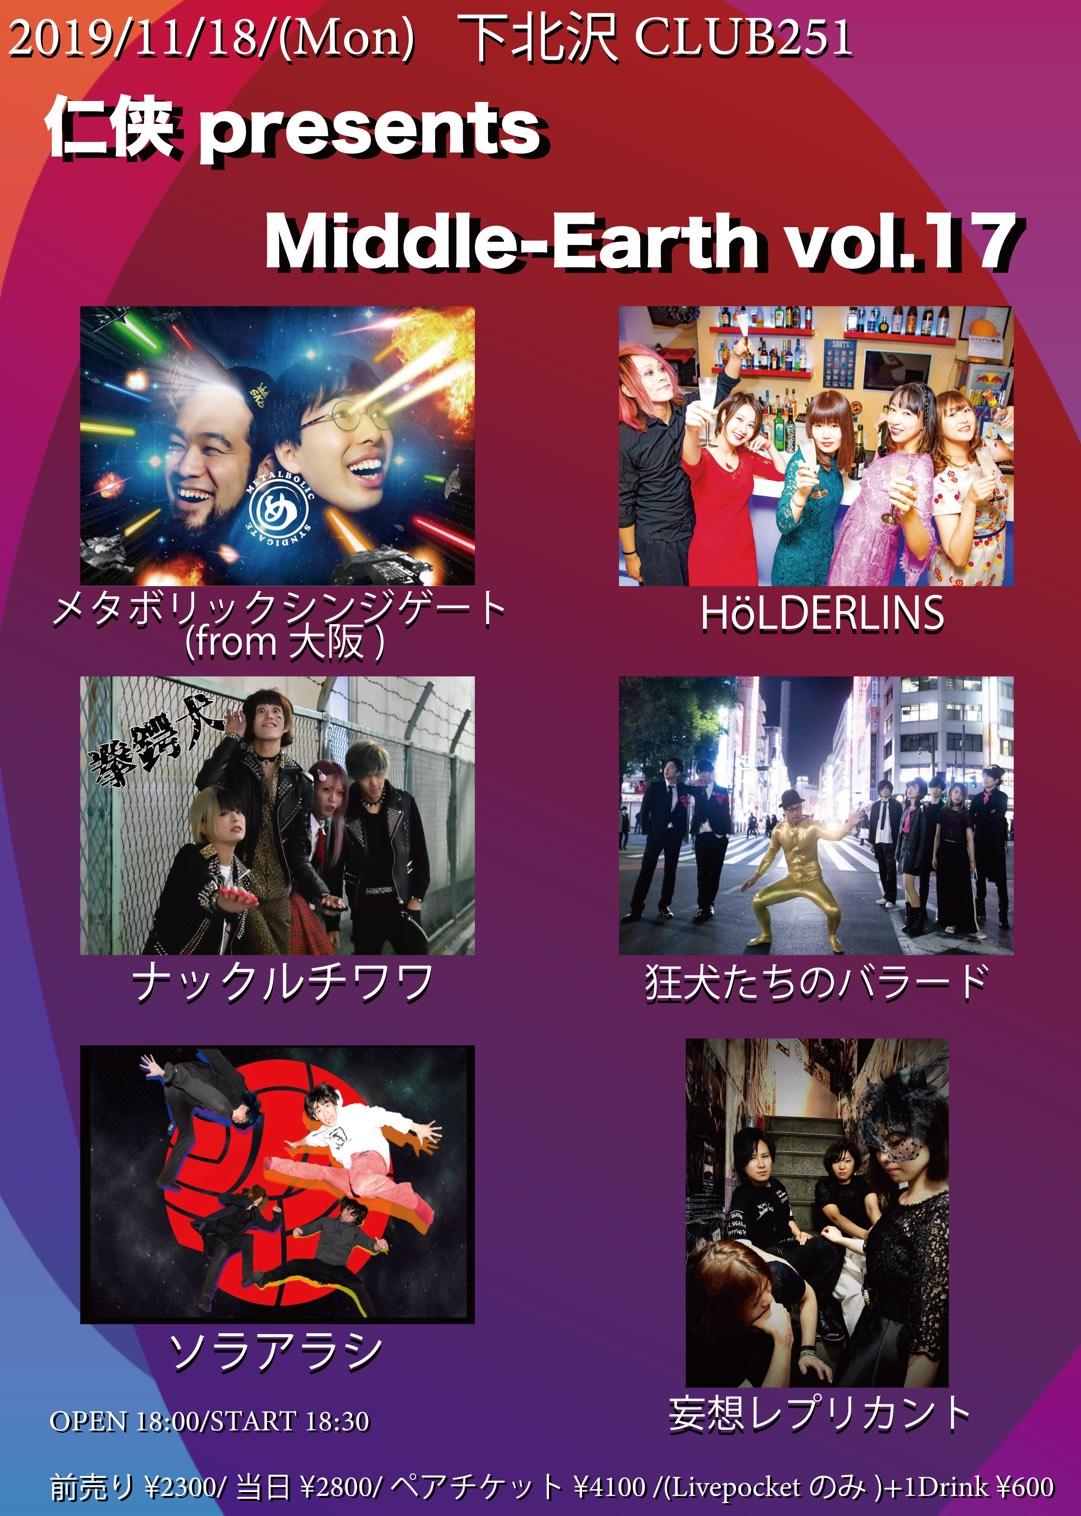 仁侠 presents Middle-Earth vol.17